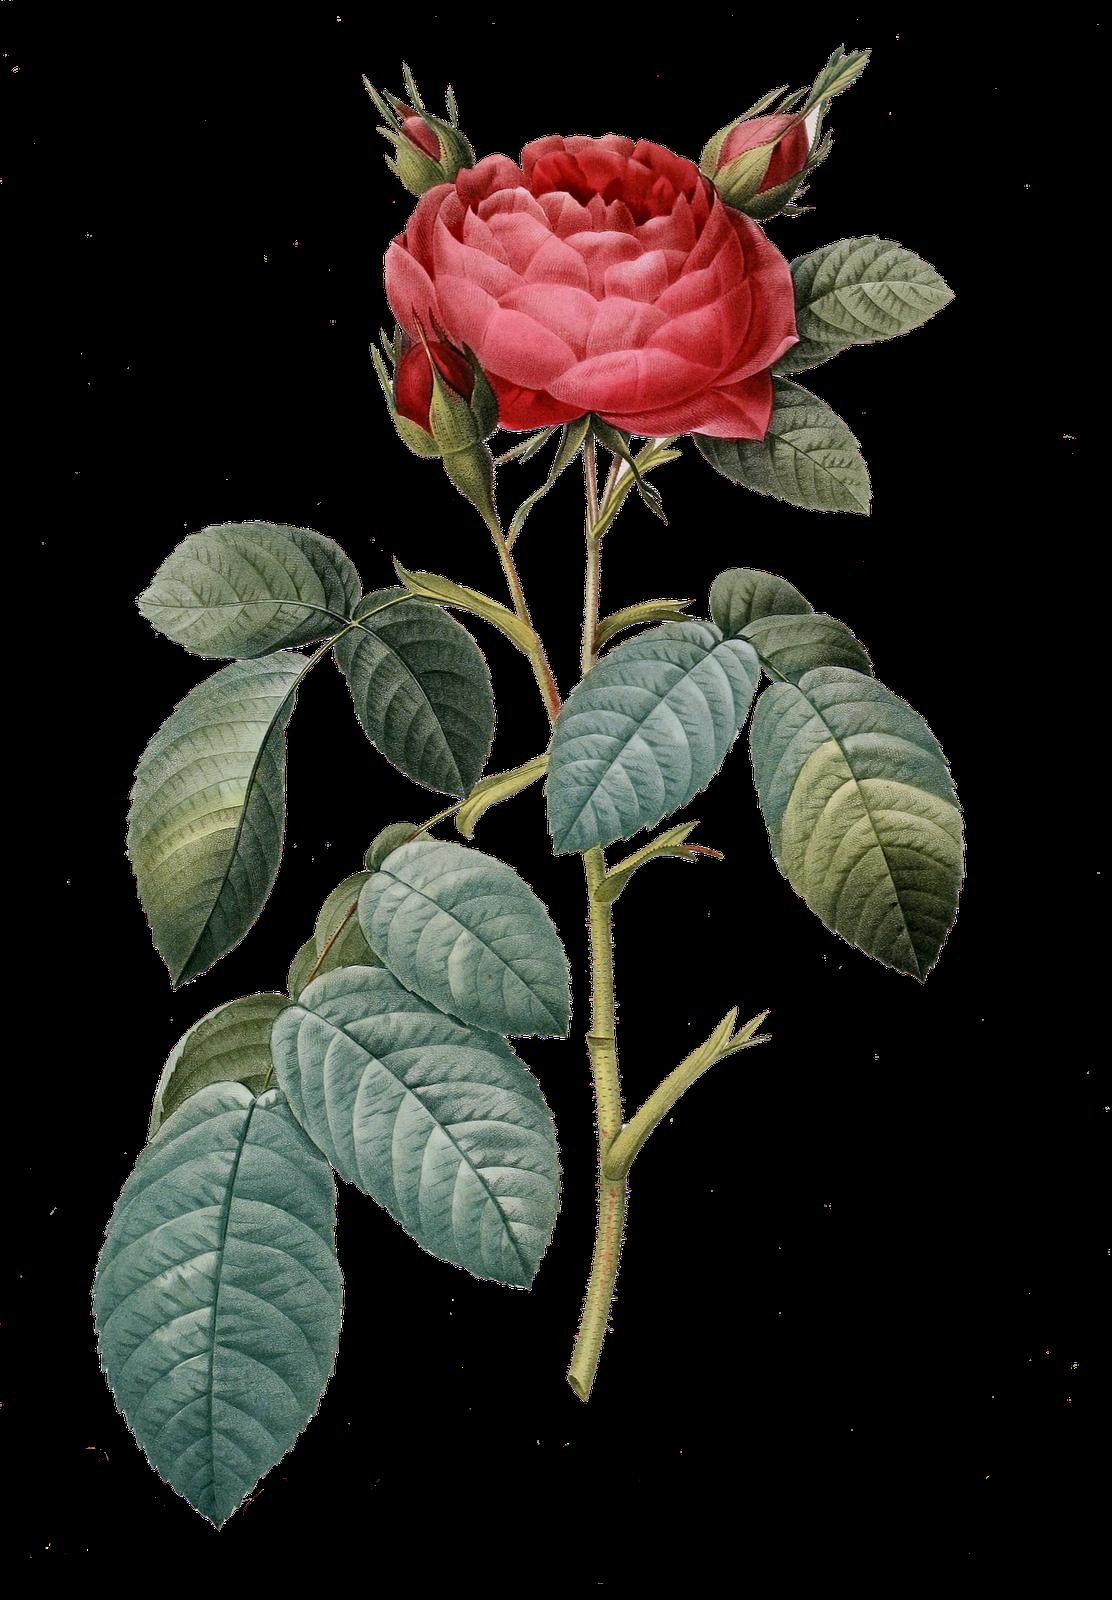 Vintage Flower Png Botanical Drawings Vintage Flowers Rose Illustration